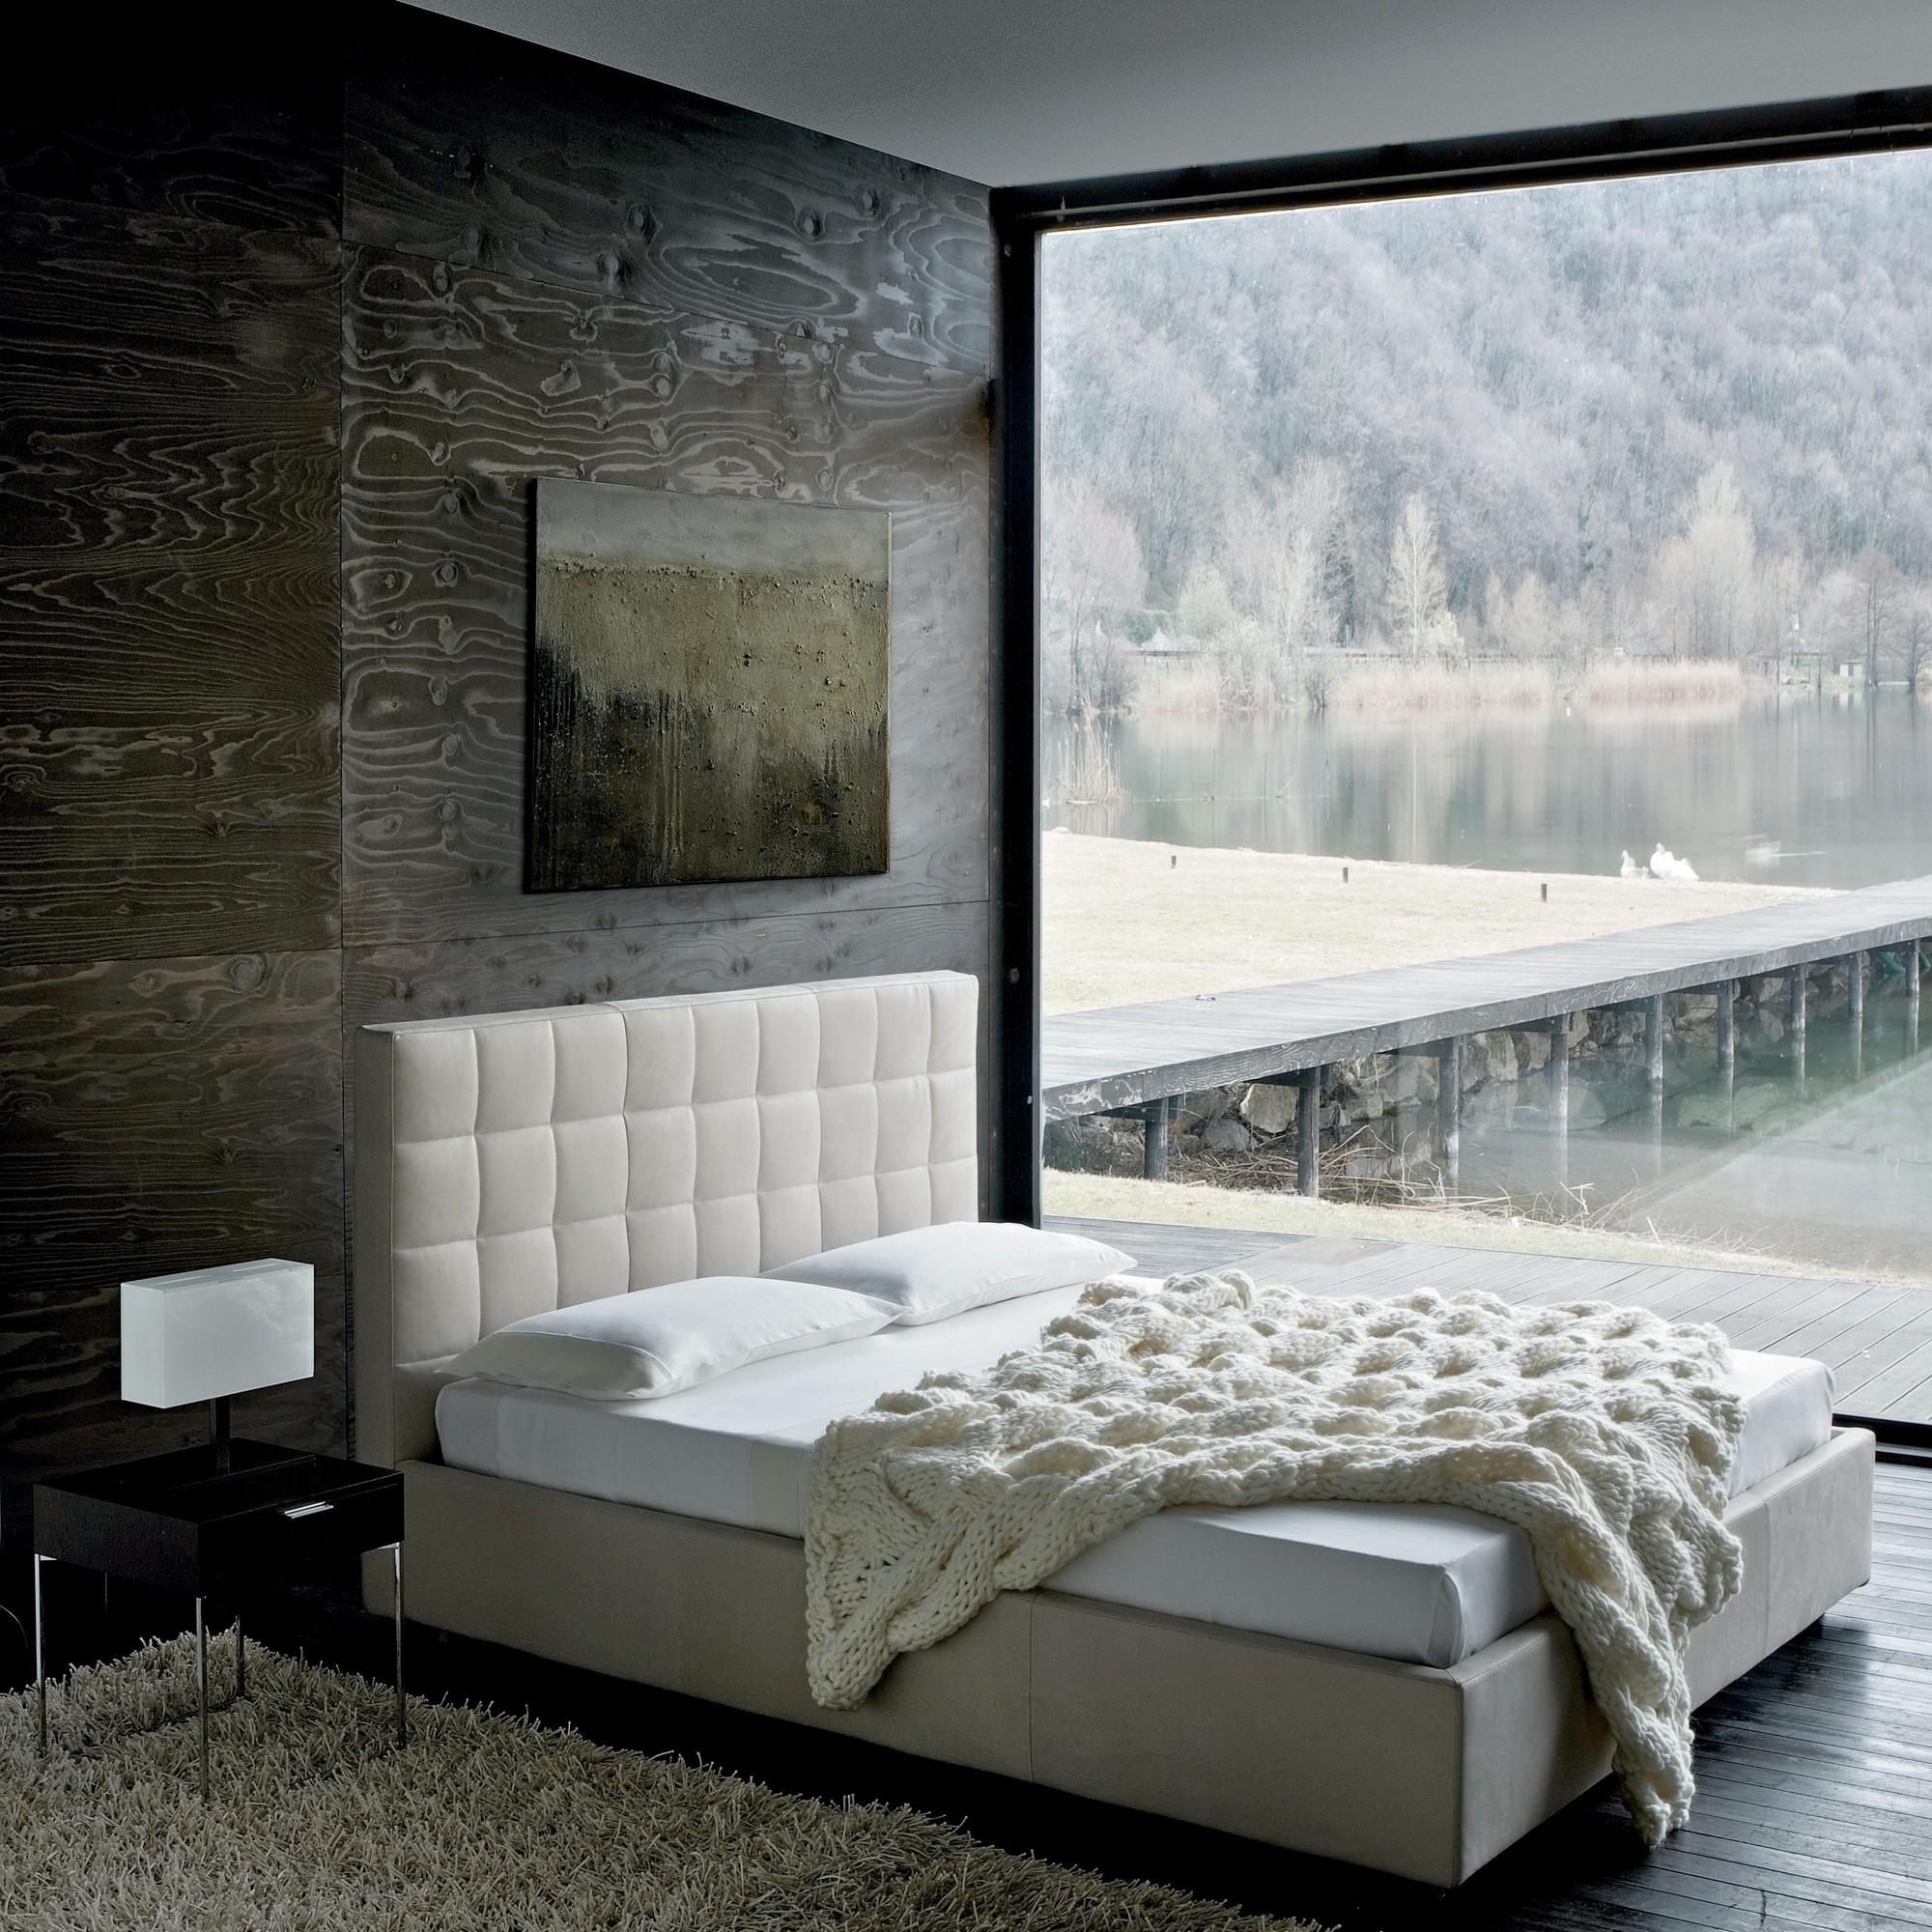 zanotta overbox doppelbett mit bettkasten ambientedirect. Black Bedroom Furniture Sets. Home Design Ideas